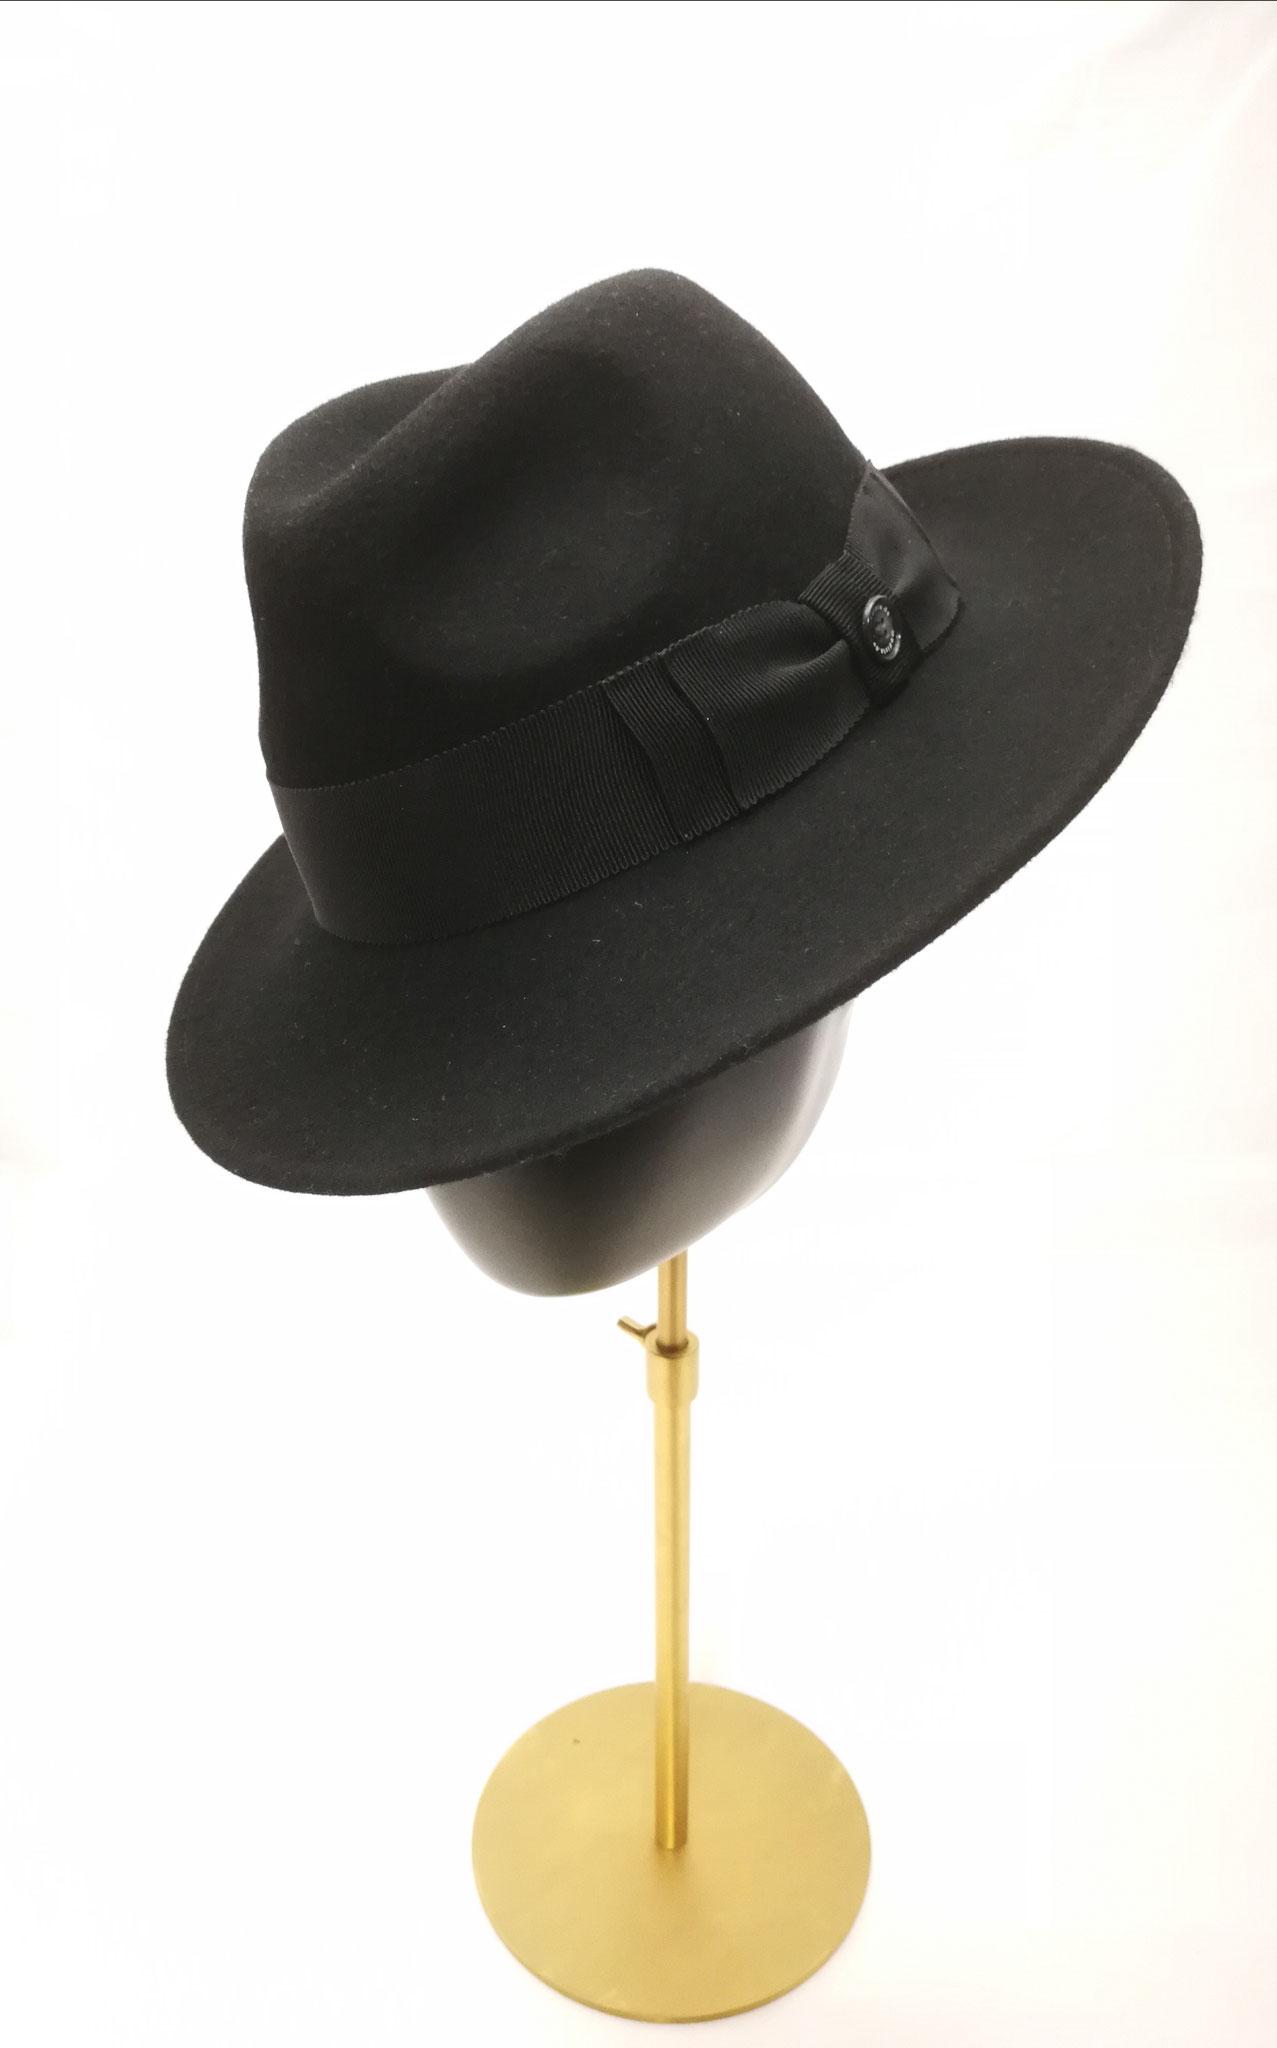 Herrenfilzhut,  eigene Herstellung, Abbildung mit klassischer Ripsbandgarnitur - Preis 179,90 €